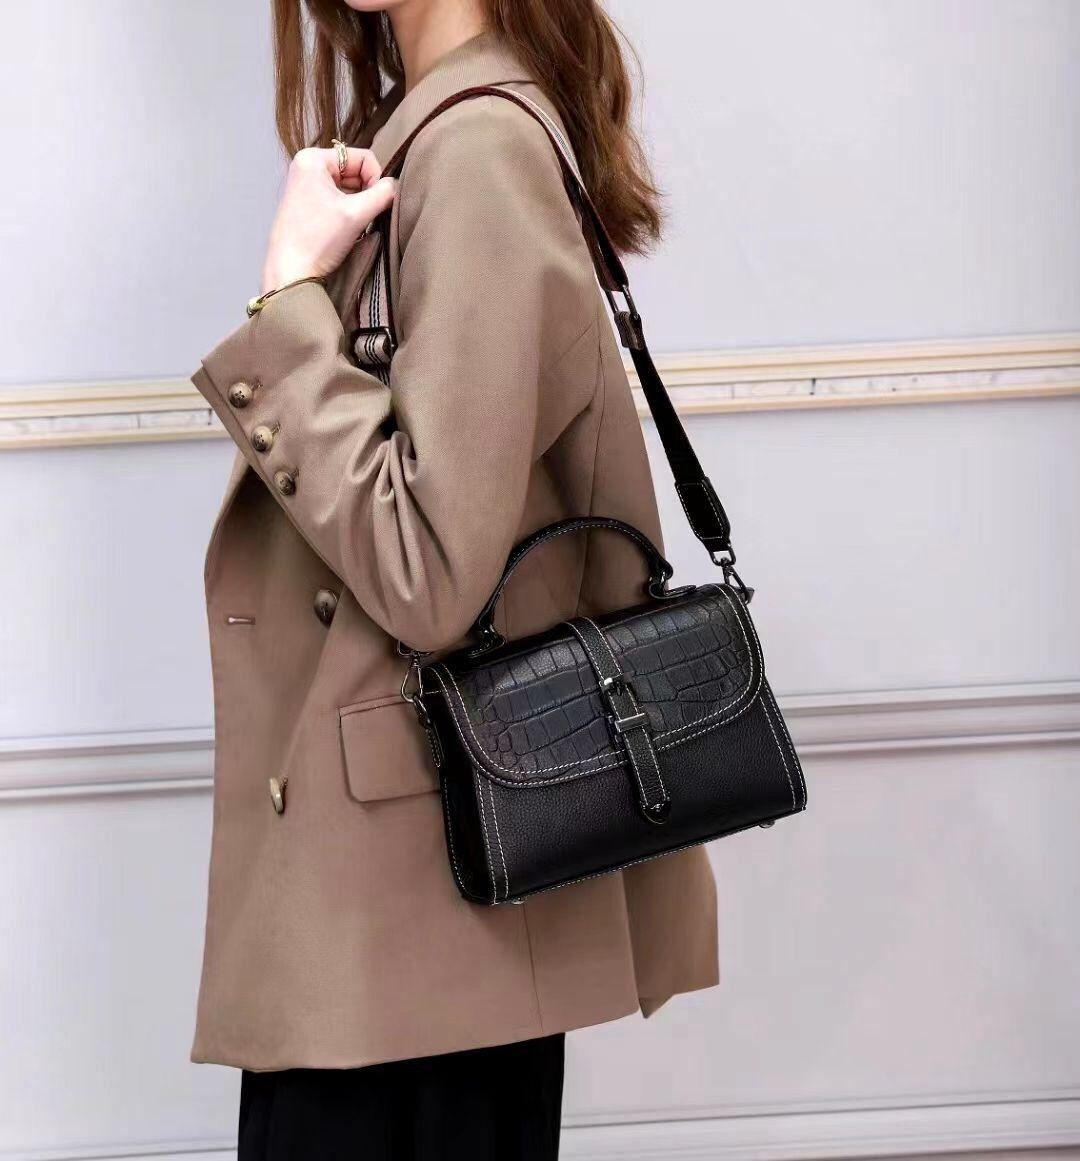 6 шт. оптом 2021 новый стиль женские роскошные дизайнерские сумки из натуральной кожи сумка через плечо